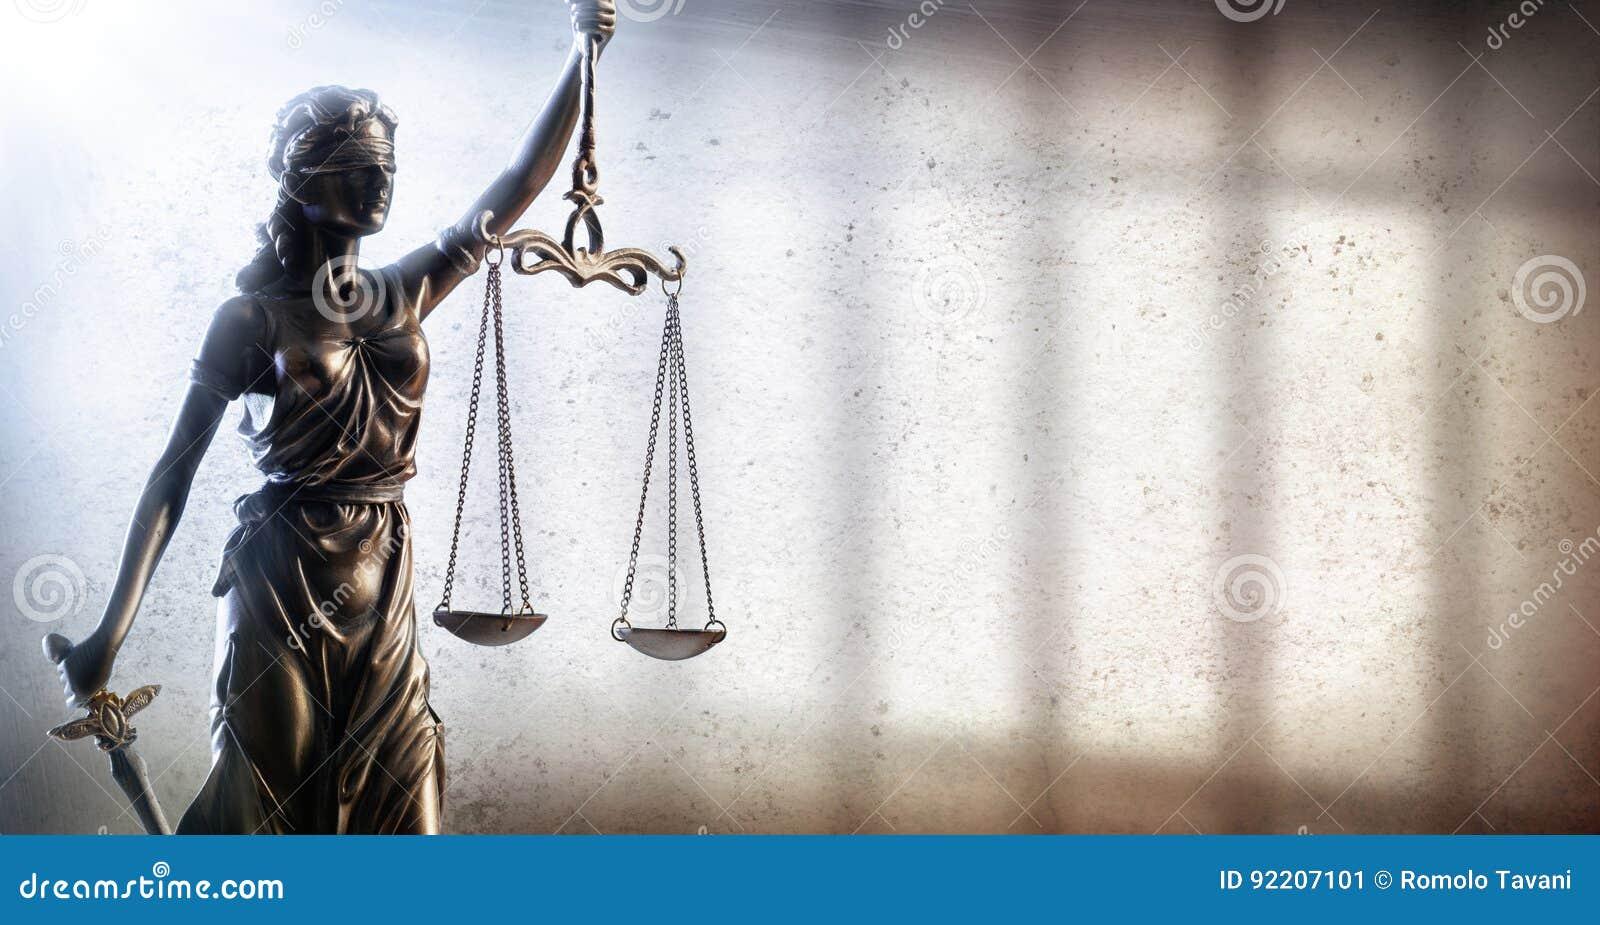 监狱-刑事法官夫人Justice和